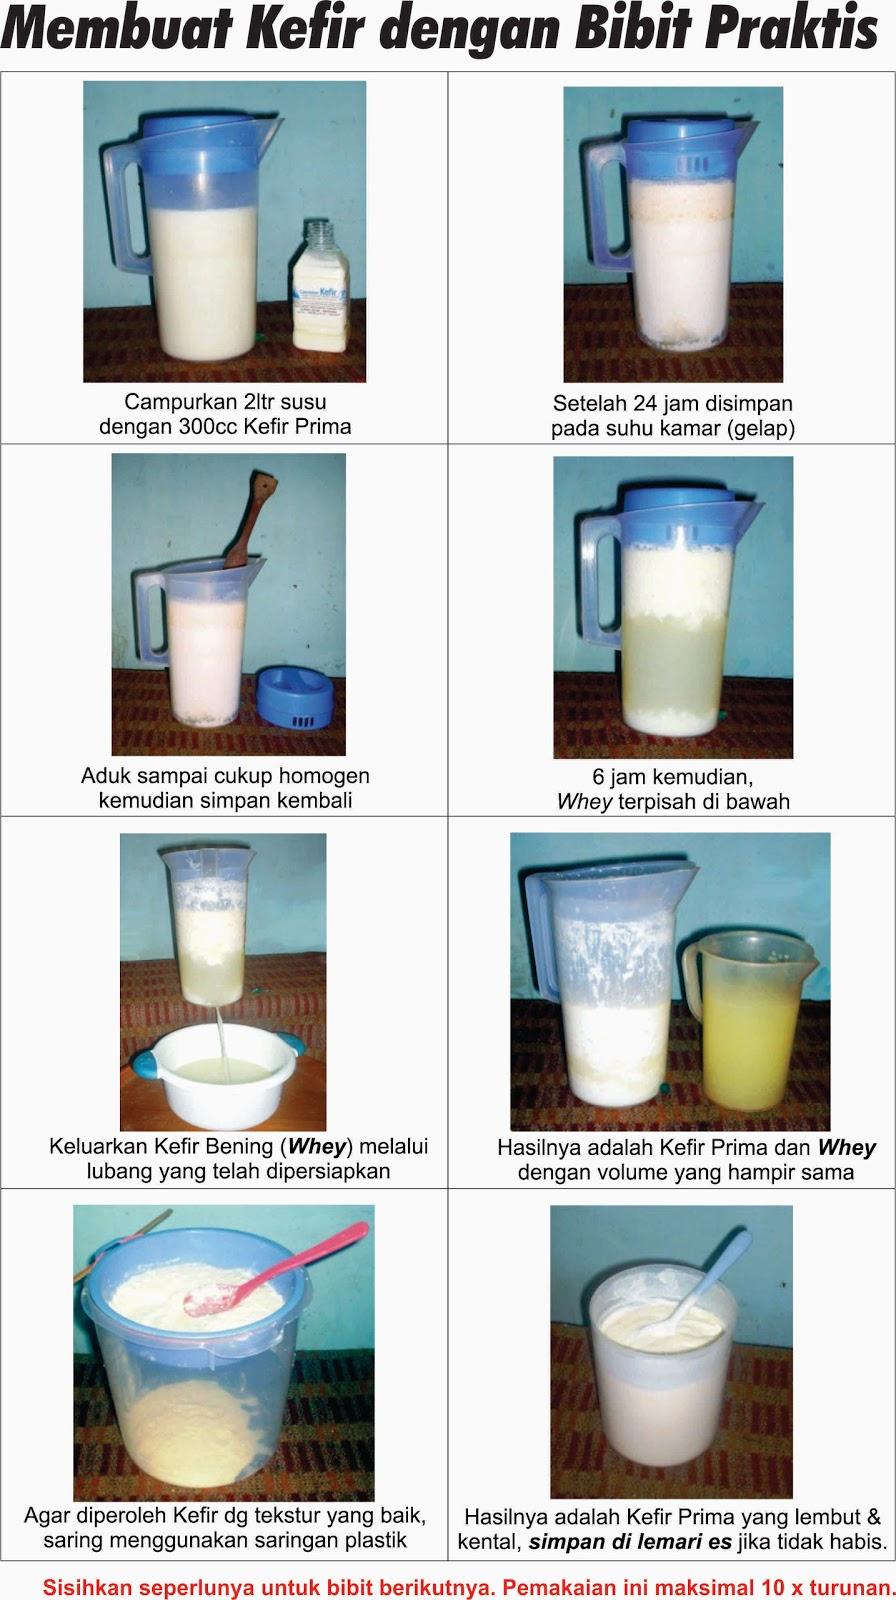 Khasiat dan Manfaat Susu Kefir Kambing Sapi yang Melegenda